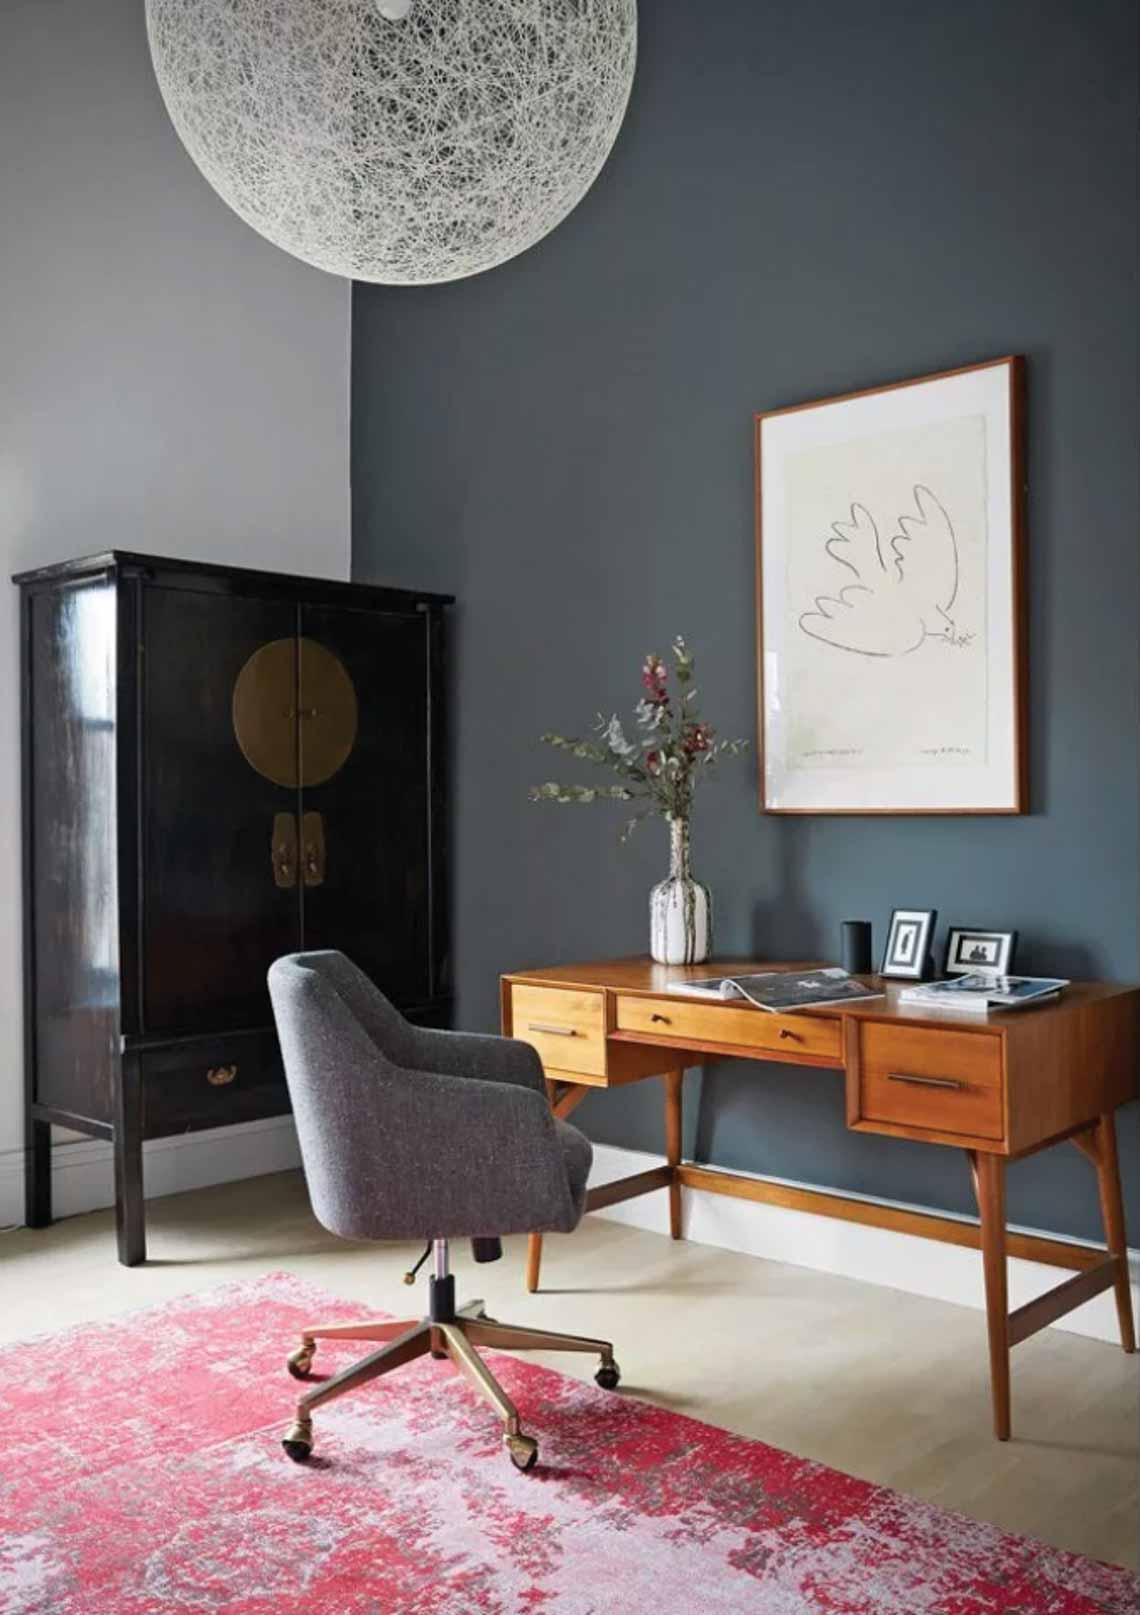 Covid-19 và những xu hướng thiết kế nội thất mới - 10